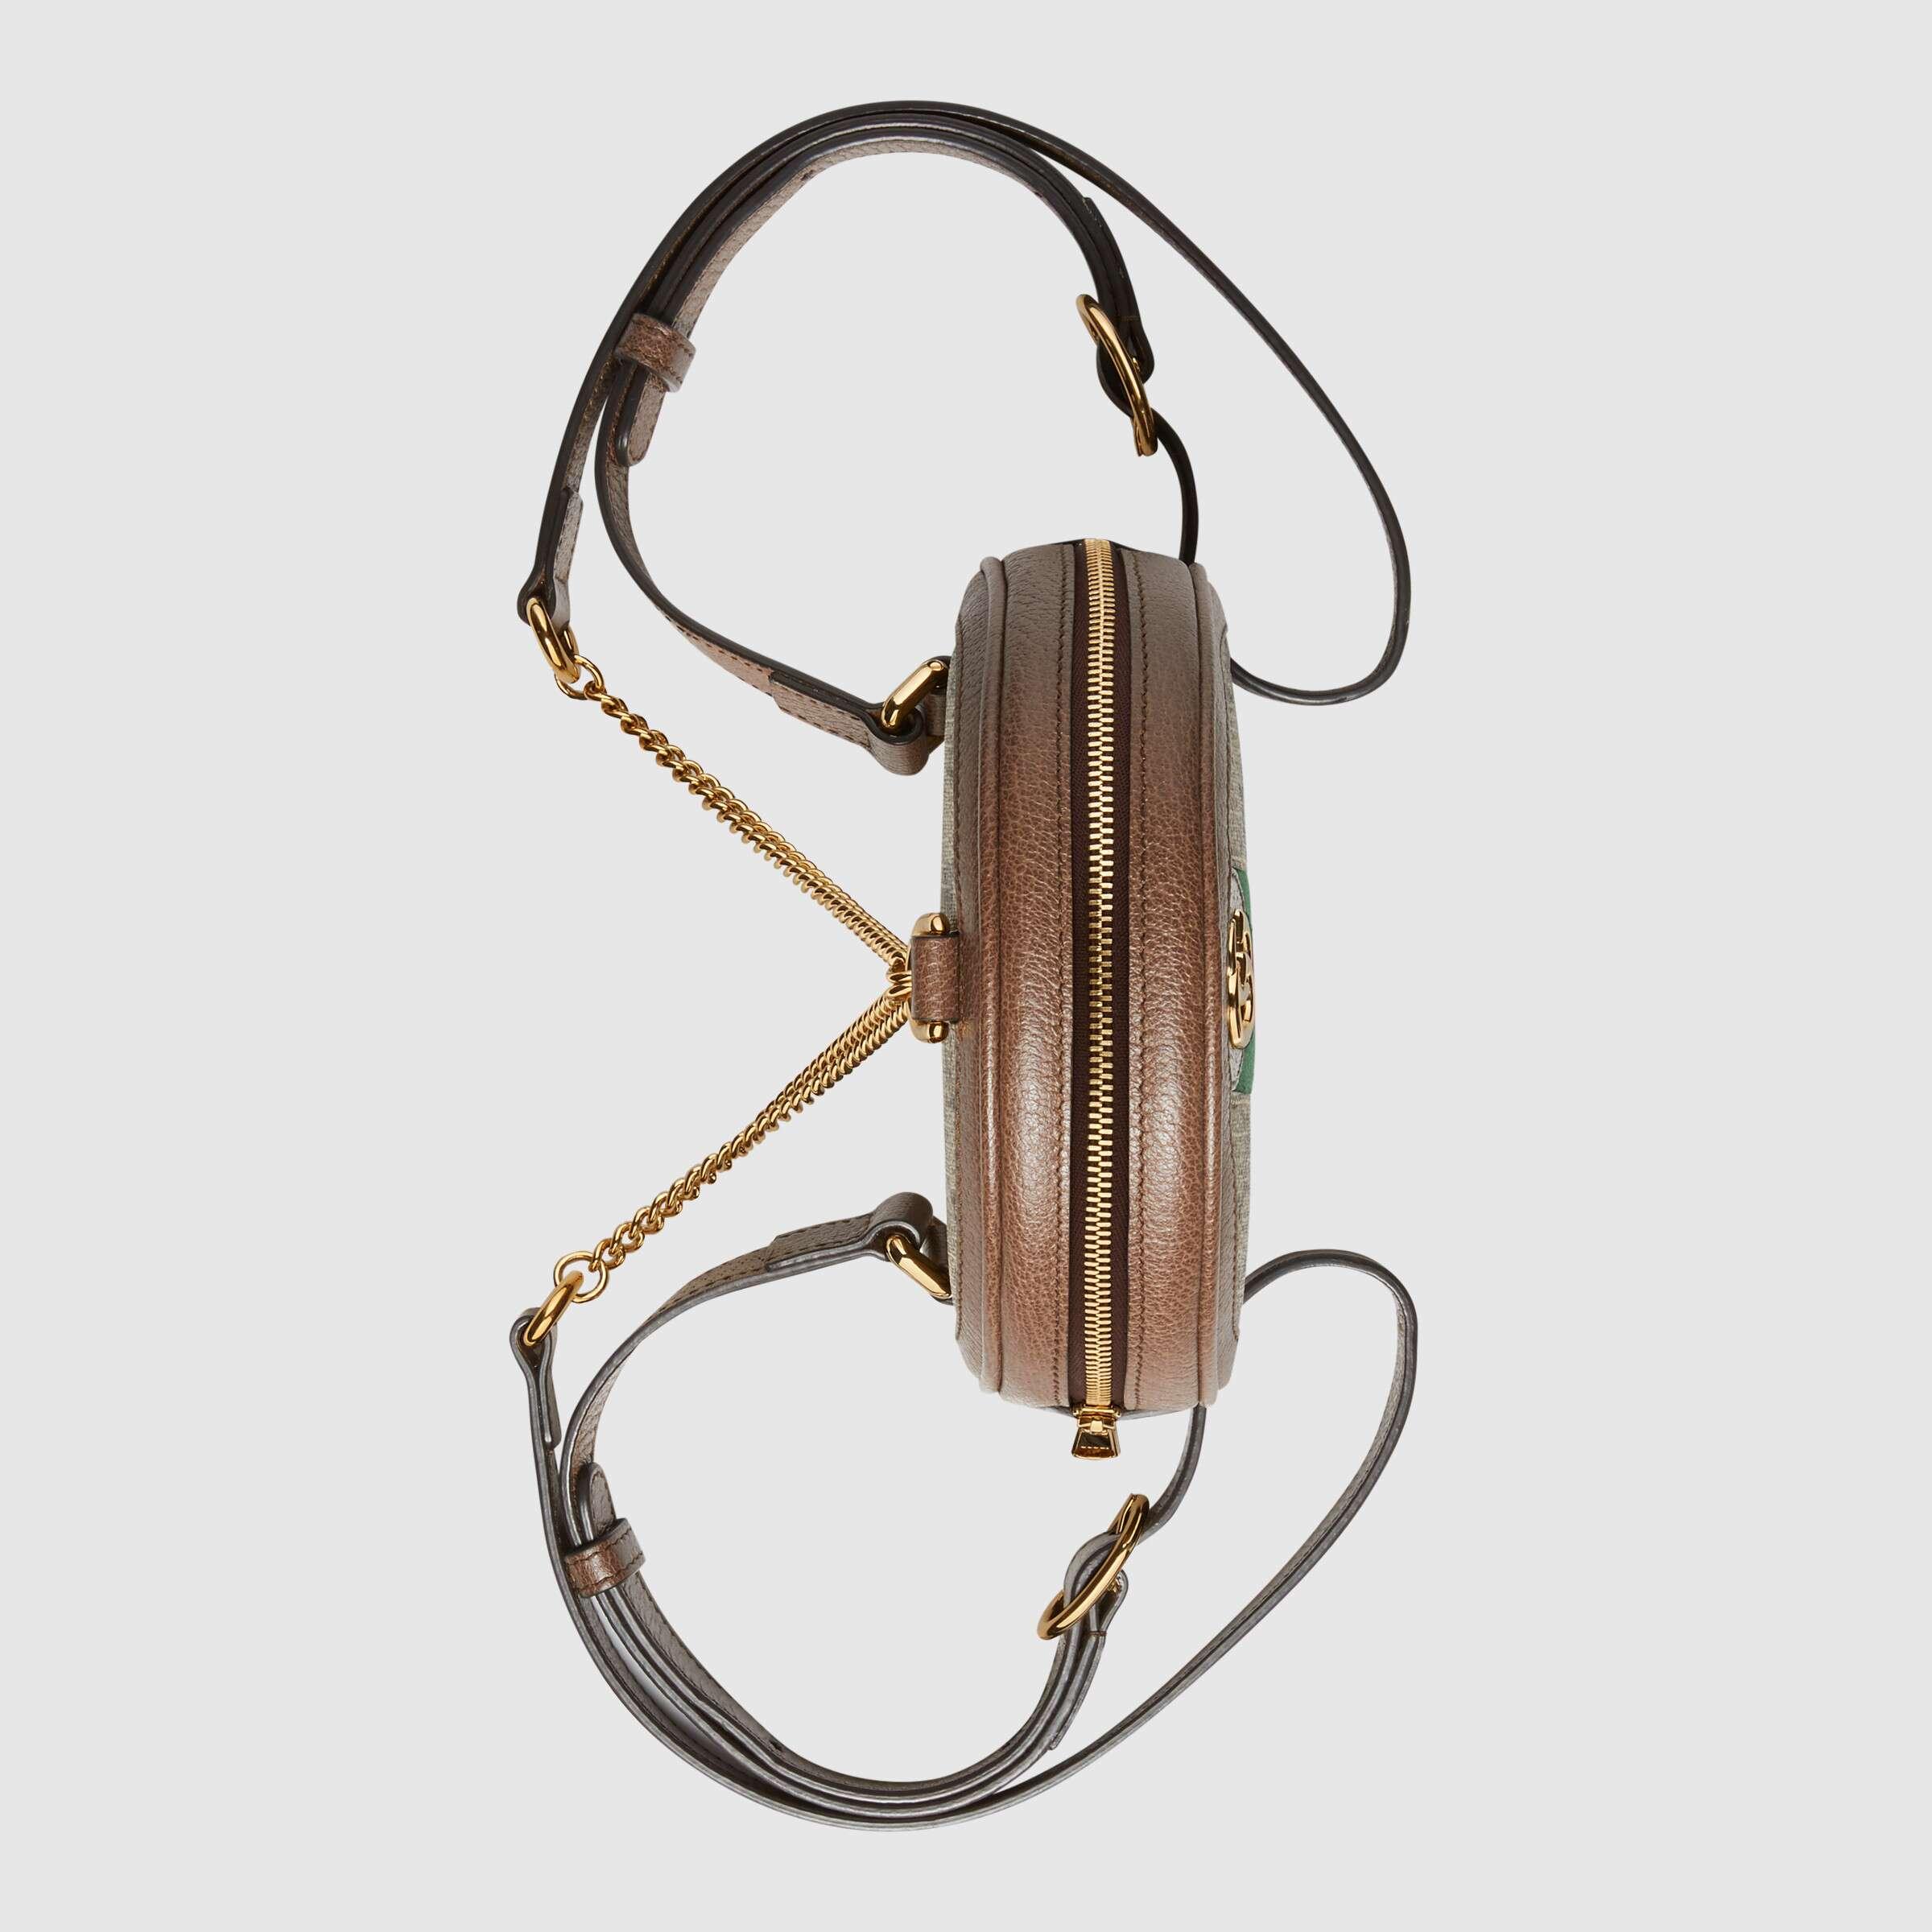 유럽직배송 구찌 오피디아 미니 백팩 GUCCI Ophidia GG mini backpack 59866196IWG8745